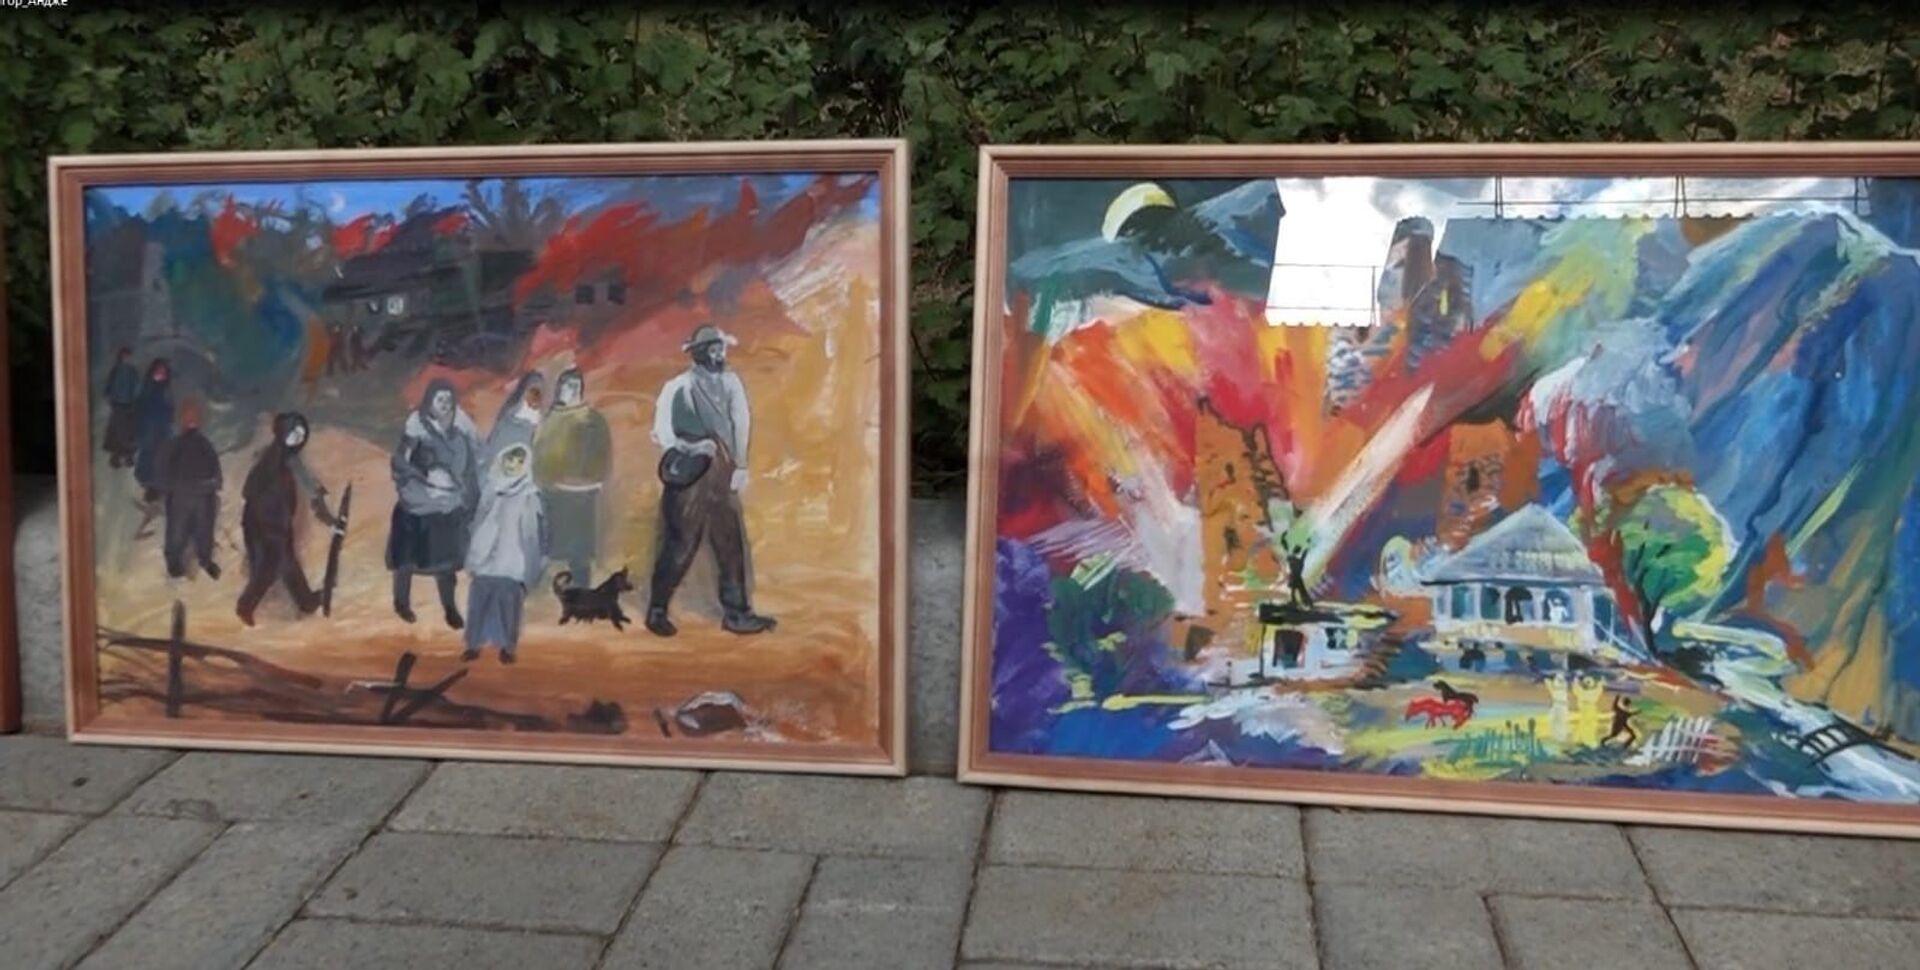 Юные художники из села Хетагурово представили свои работы в Ленингоре - Sputnik Южная Осетия, 1920, 26.10.2021